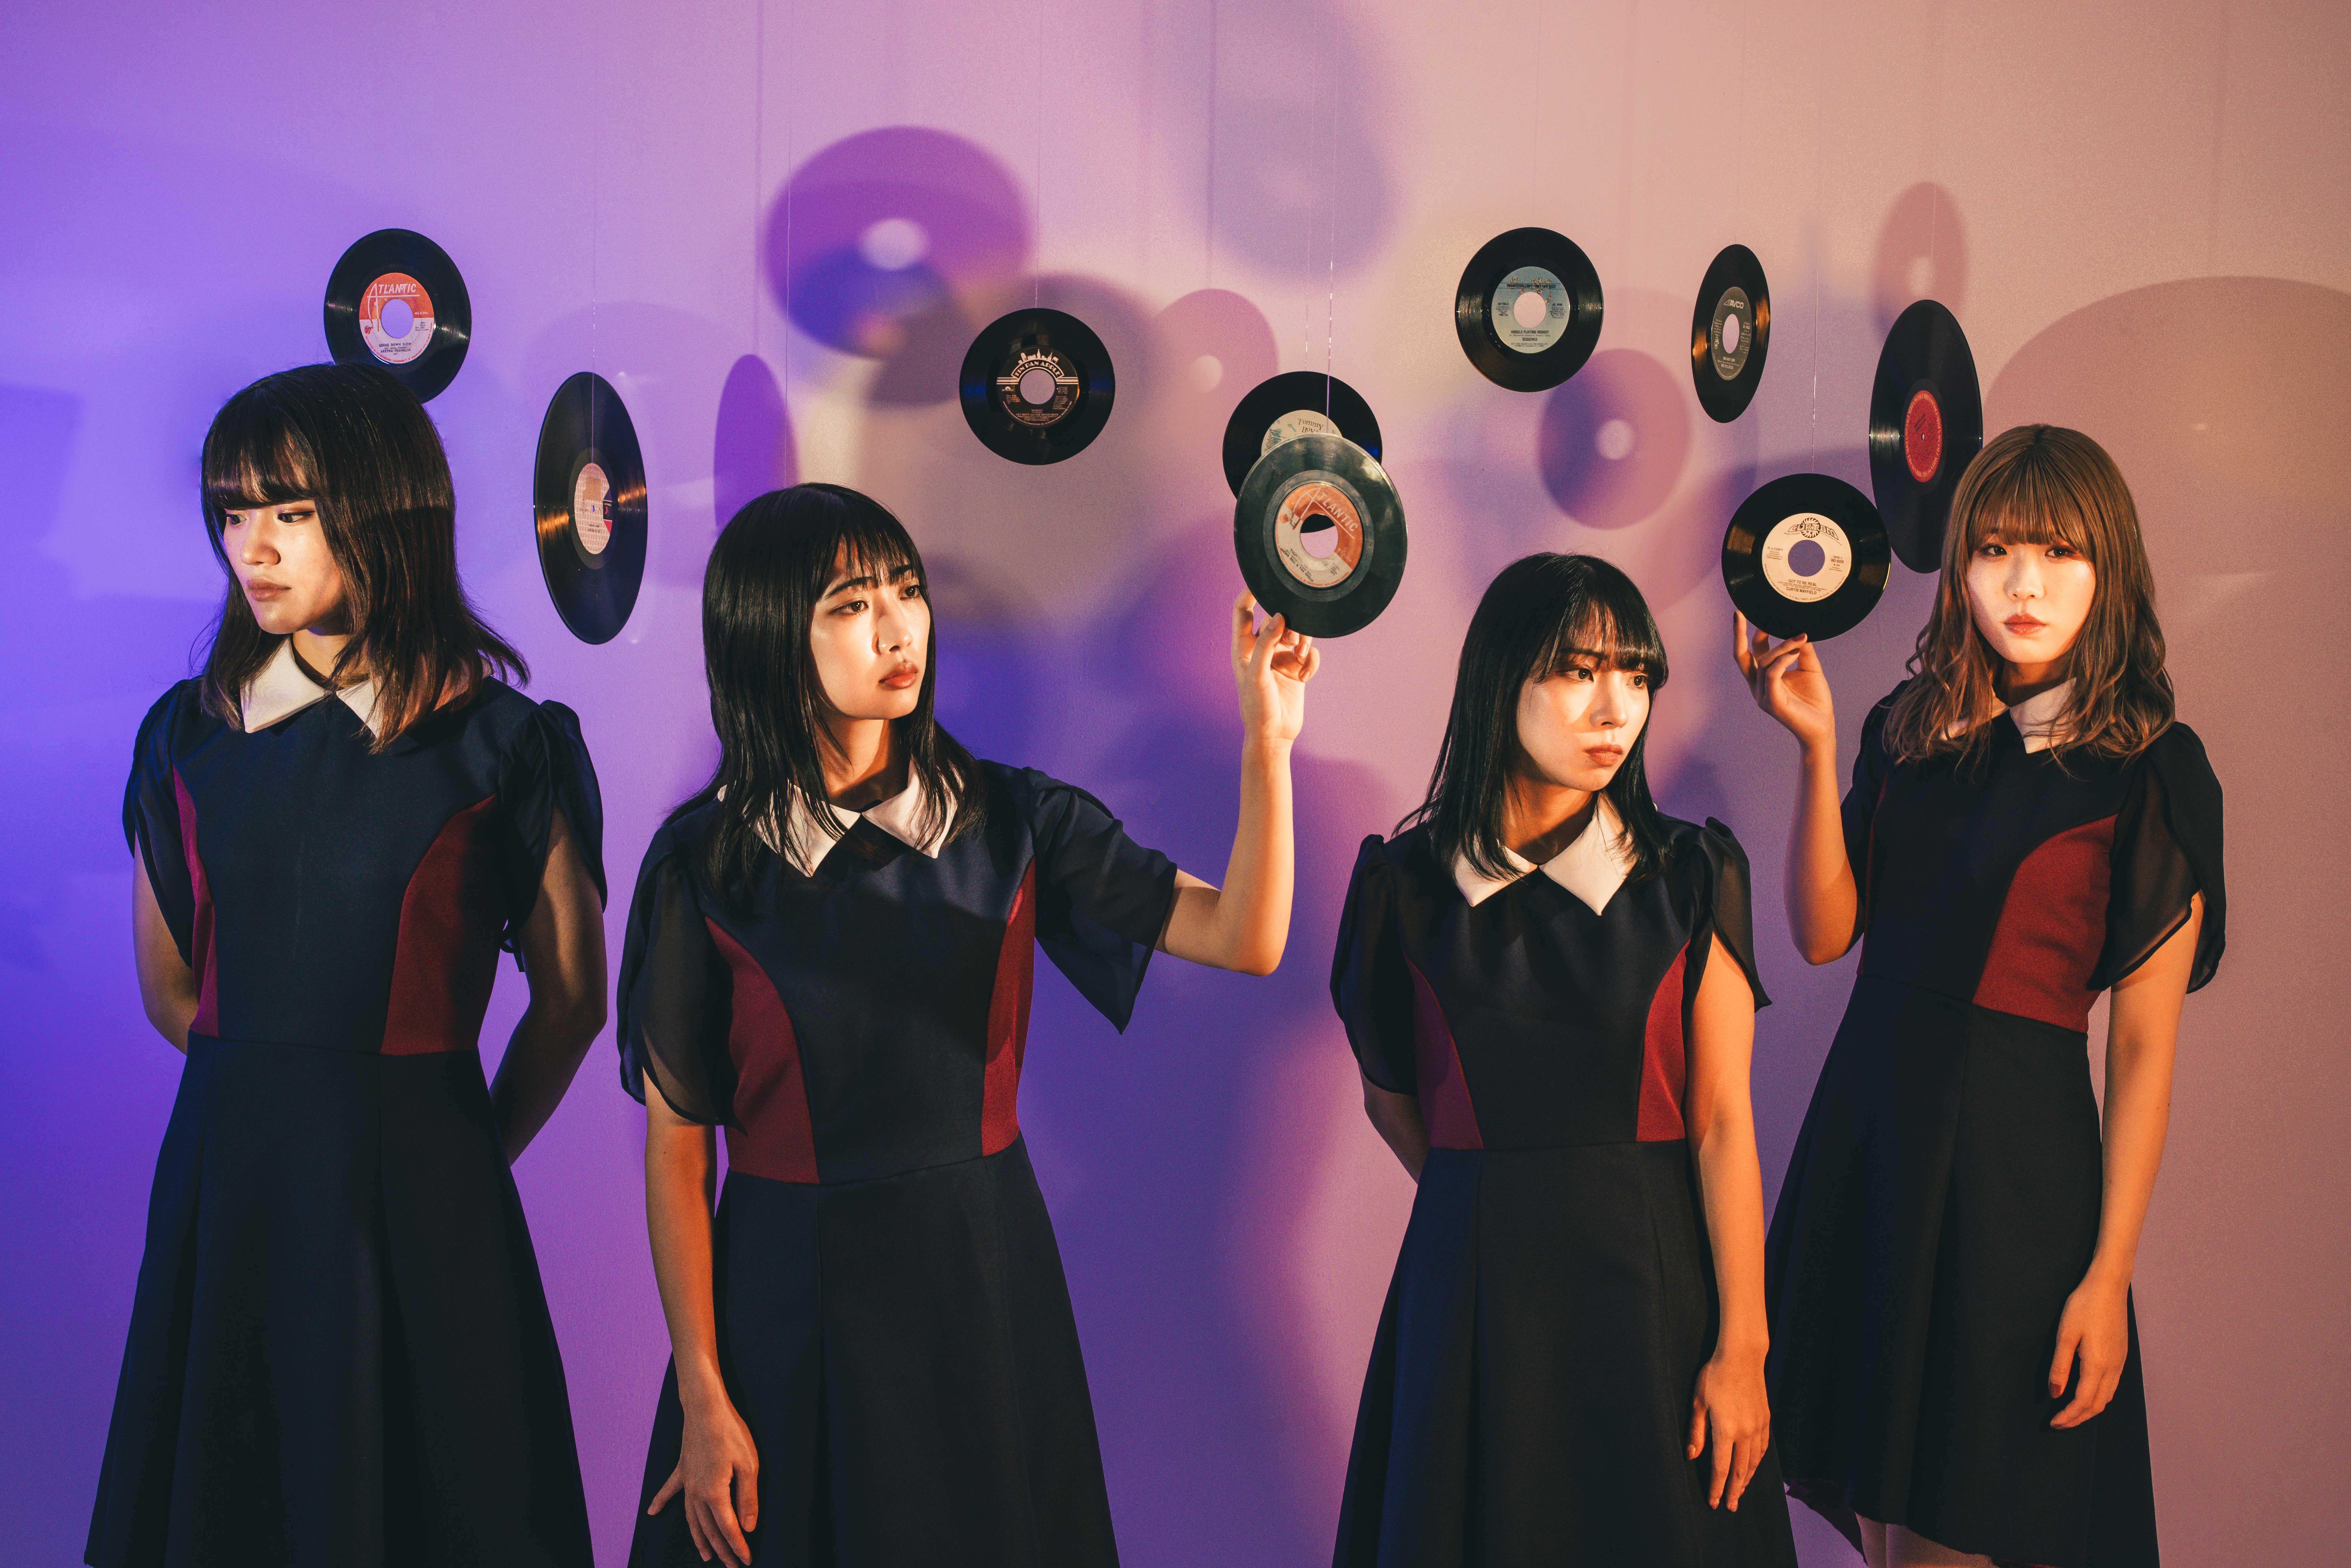 オーディション [大阪]アイドルグループ YORUWAKOREKARA 新メンバー募集 FUTURESOUL系ブラックミュージック主体のアイドル 主催:YORUWAKOREKARA、カテゴリ:アイドル(東京以外)